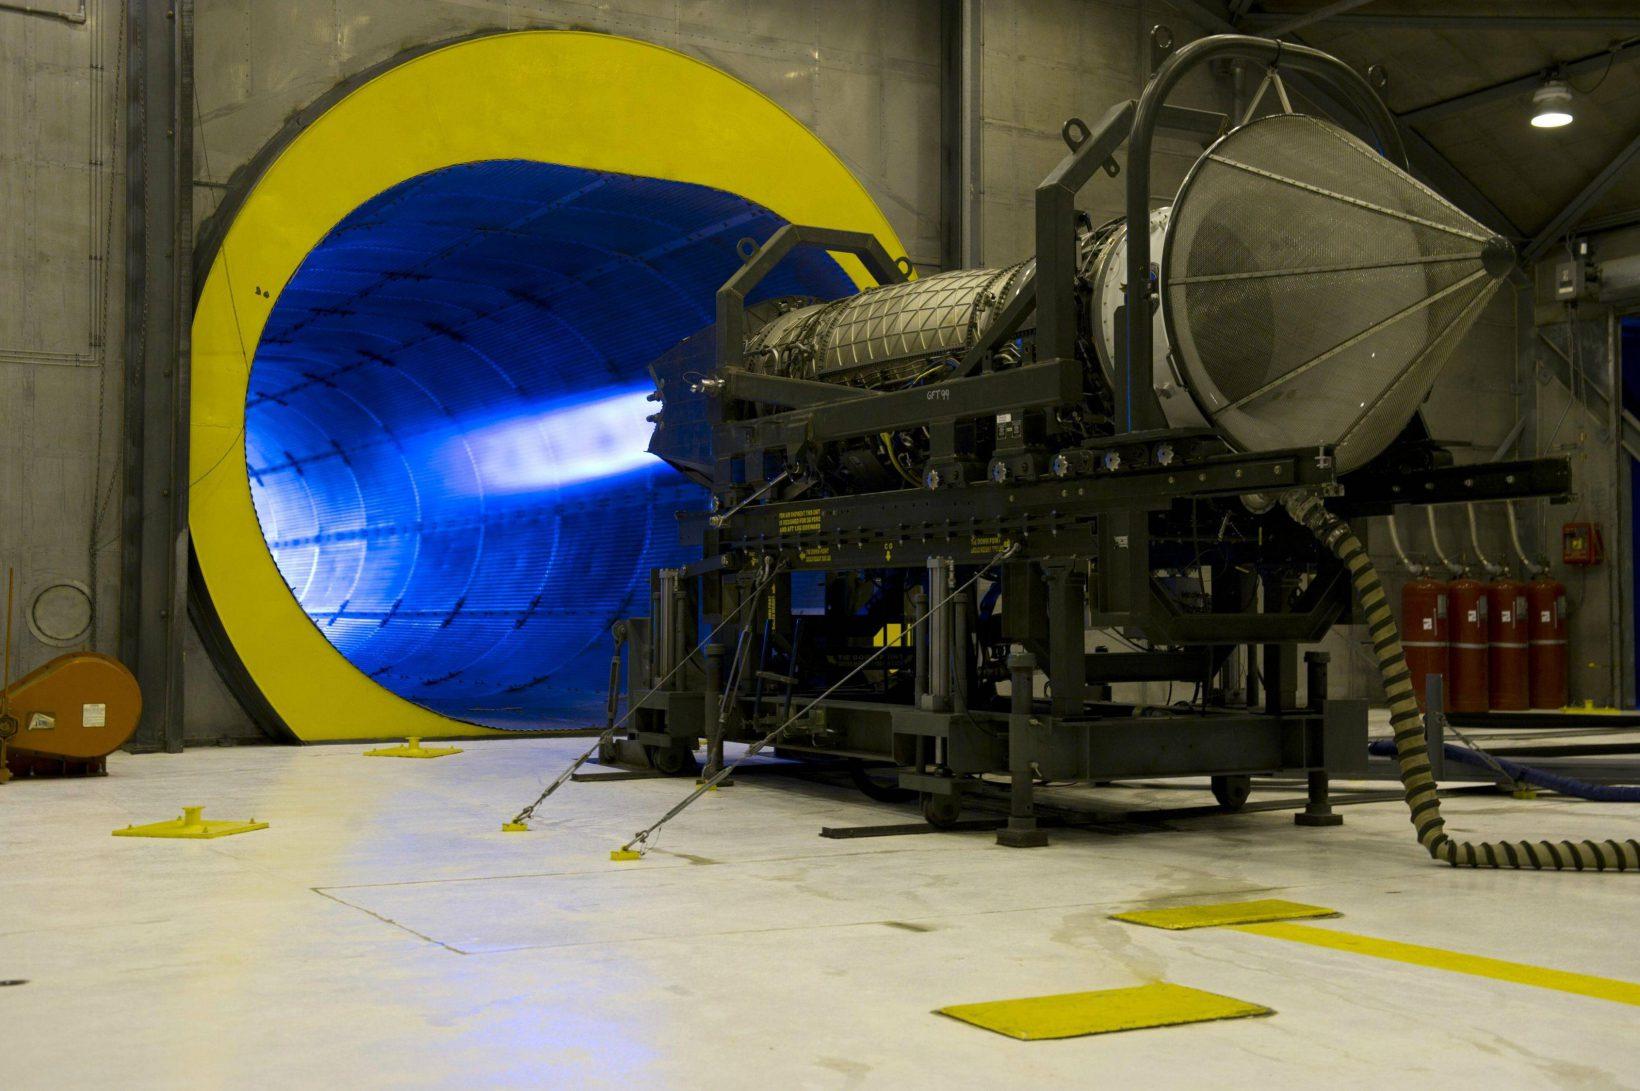 Pratt & Whitney F119